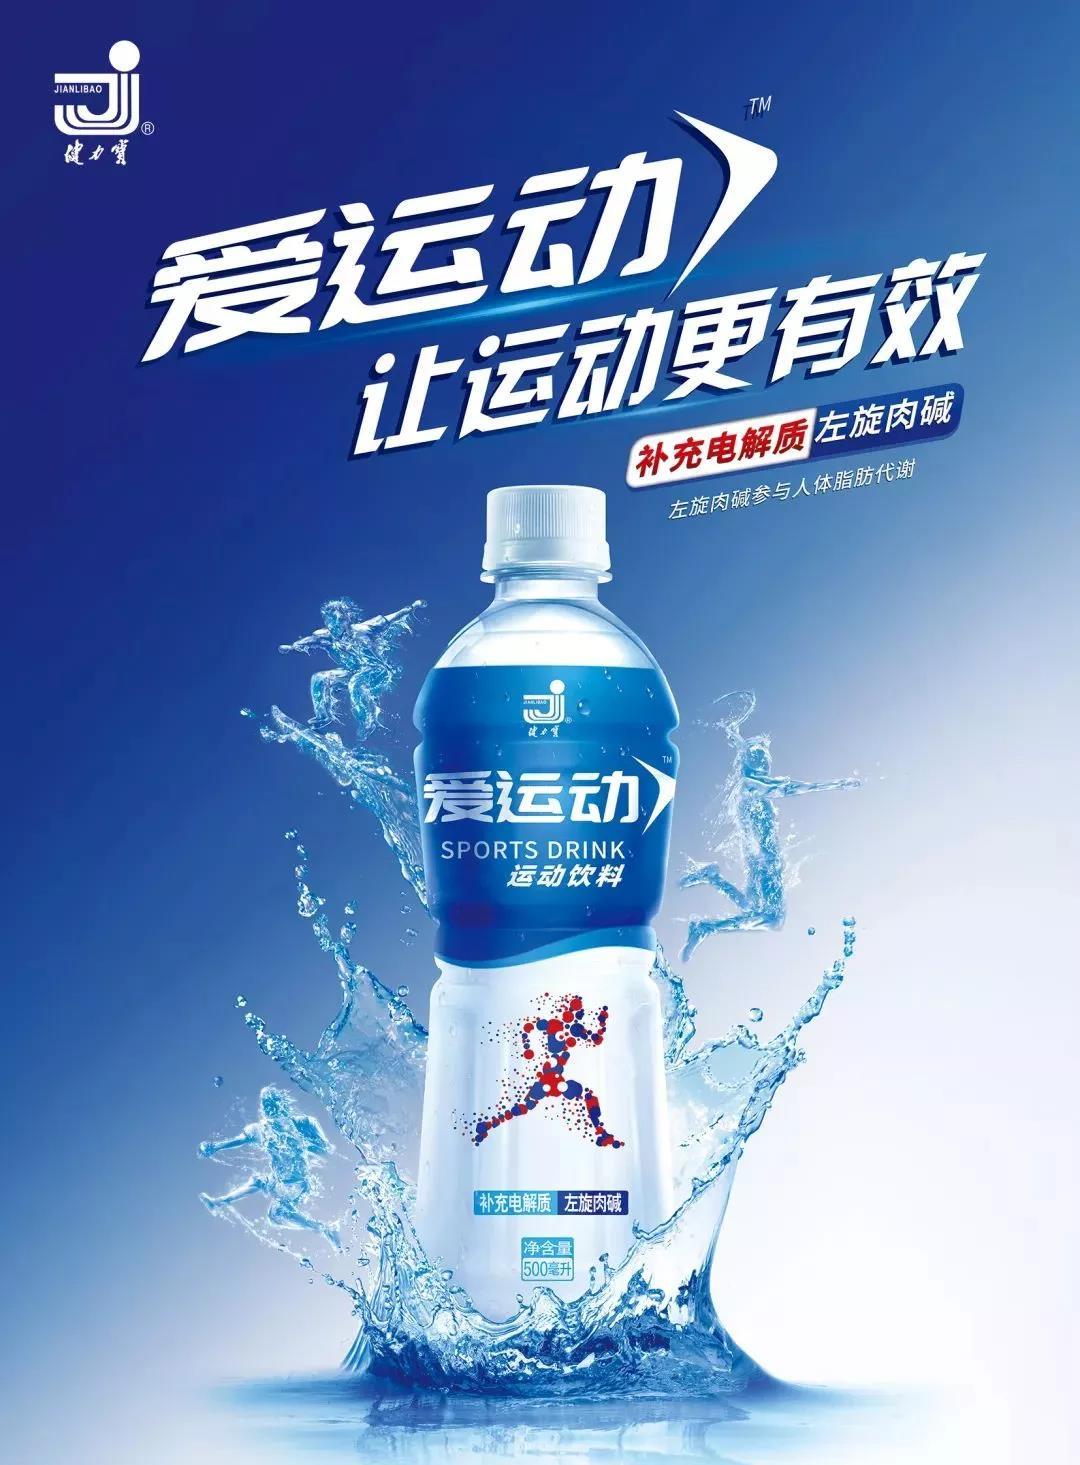 健力宝推出爱运动运动饮料 本月上市